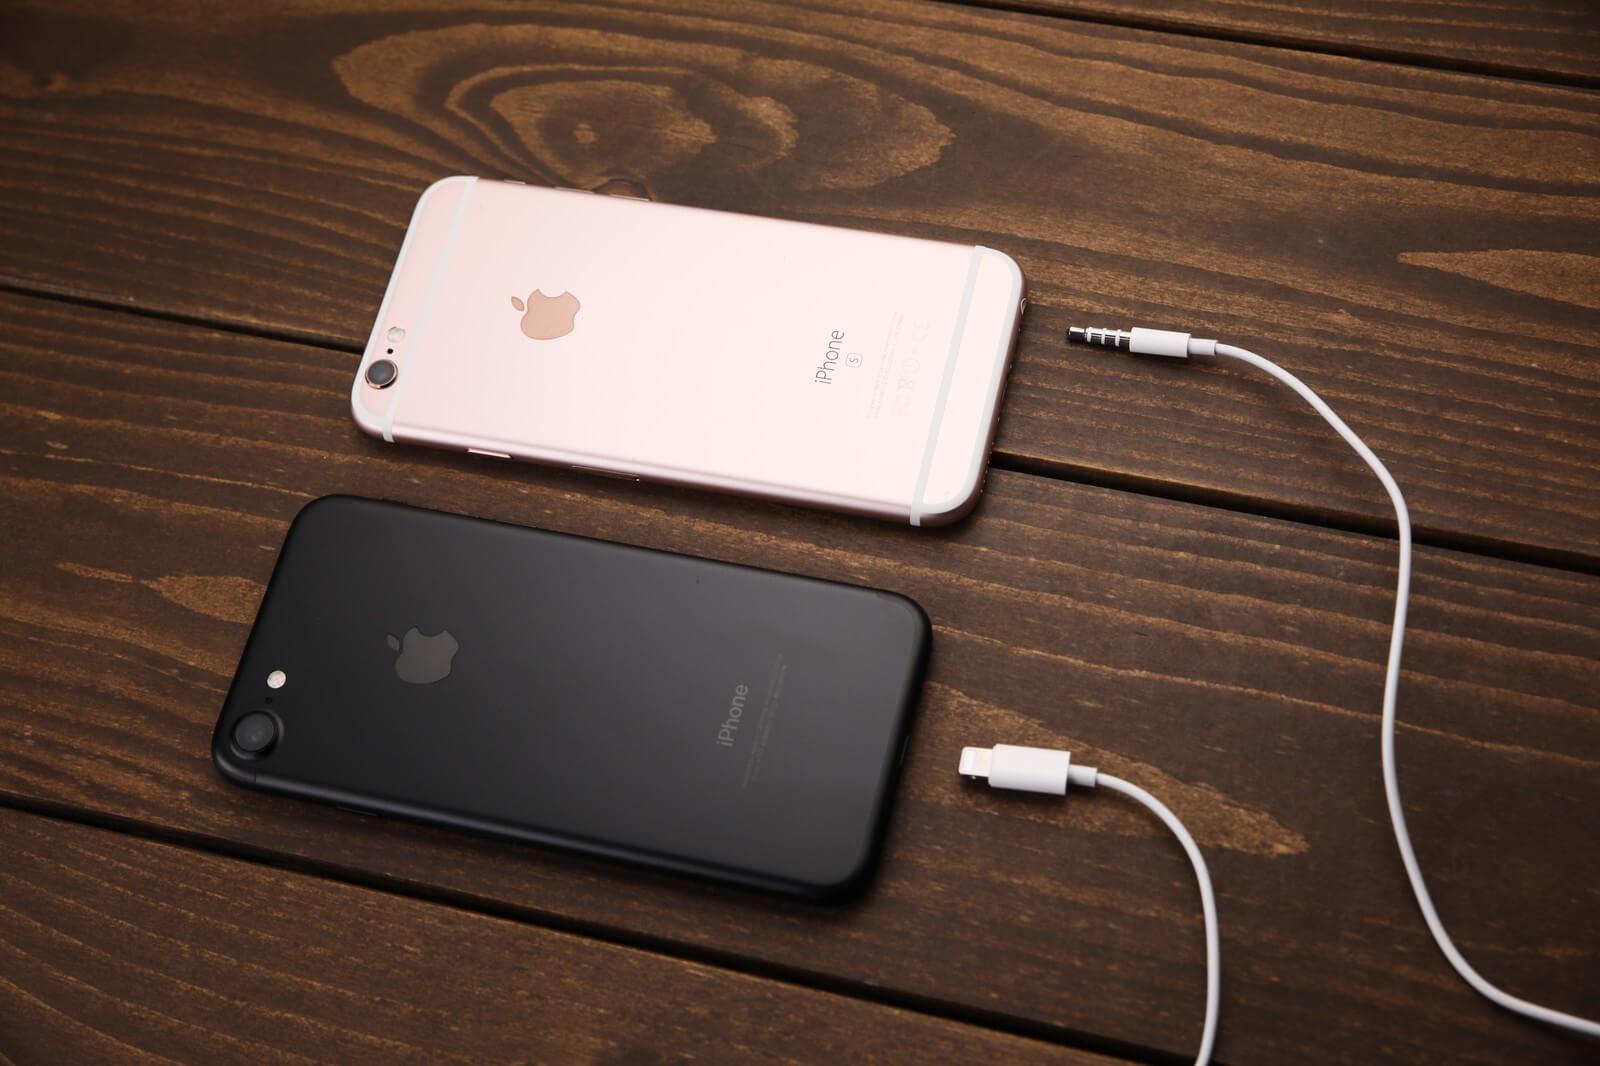 ドコモ系MVNOの2台のiPhone